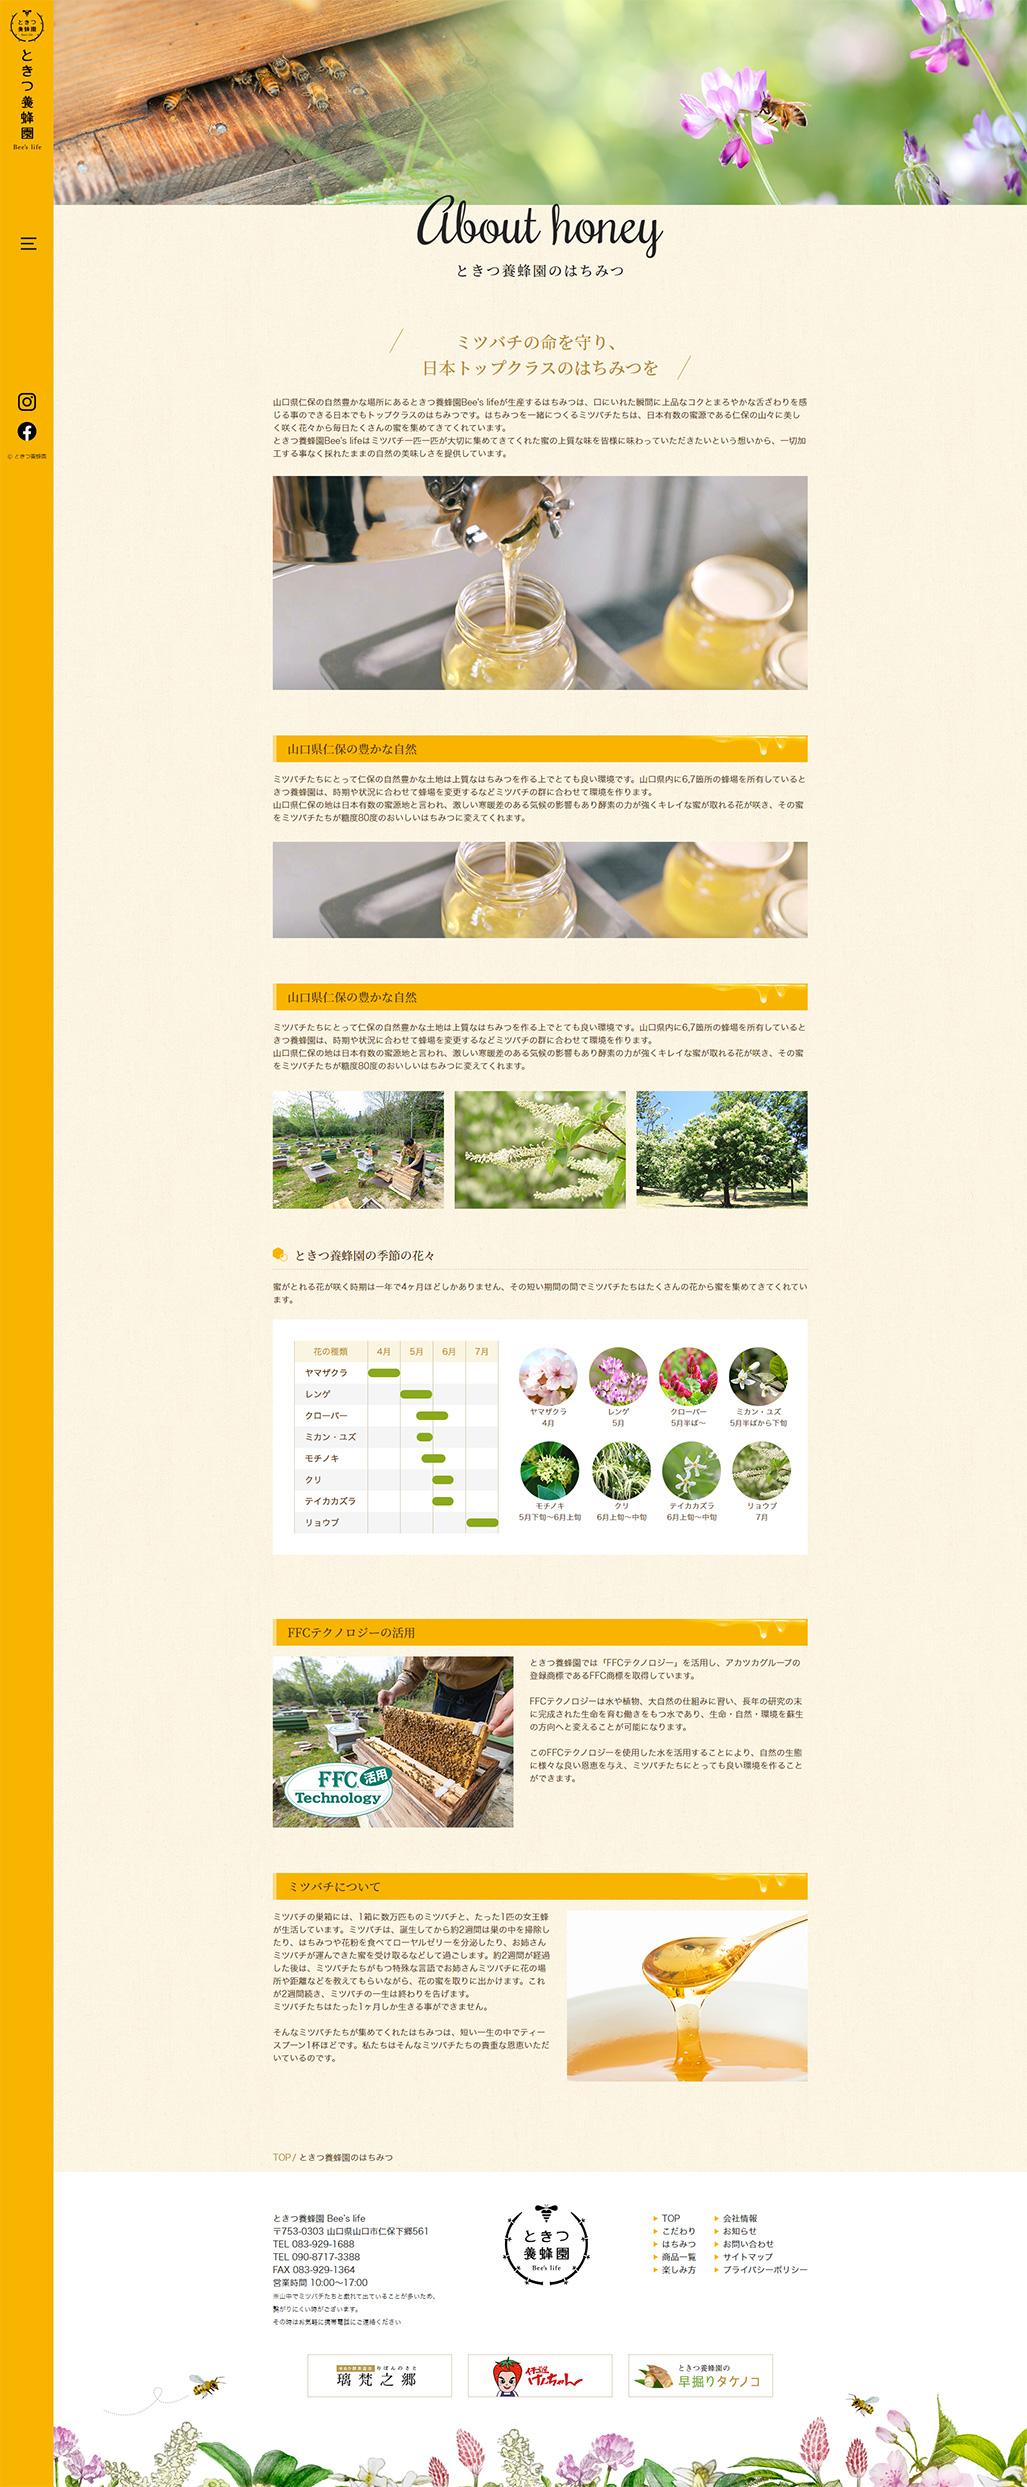 ときつ養蜂園 Bee's lifePC画像2